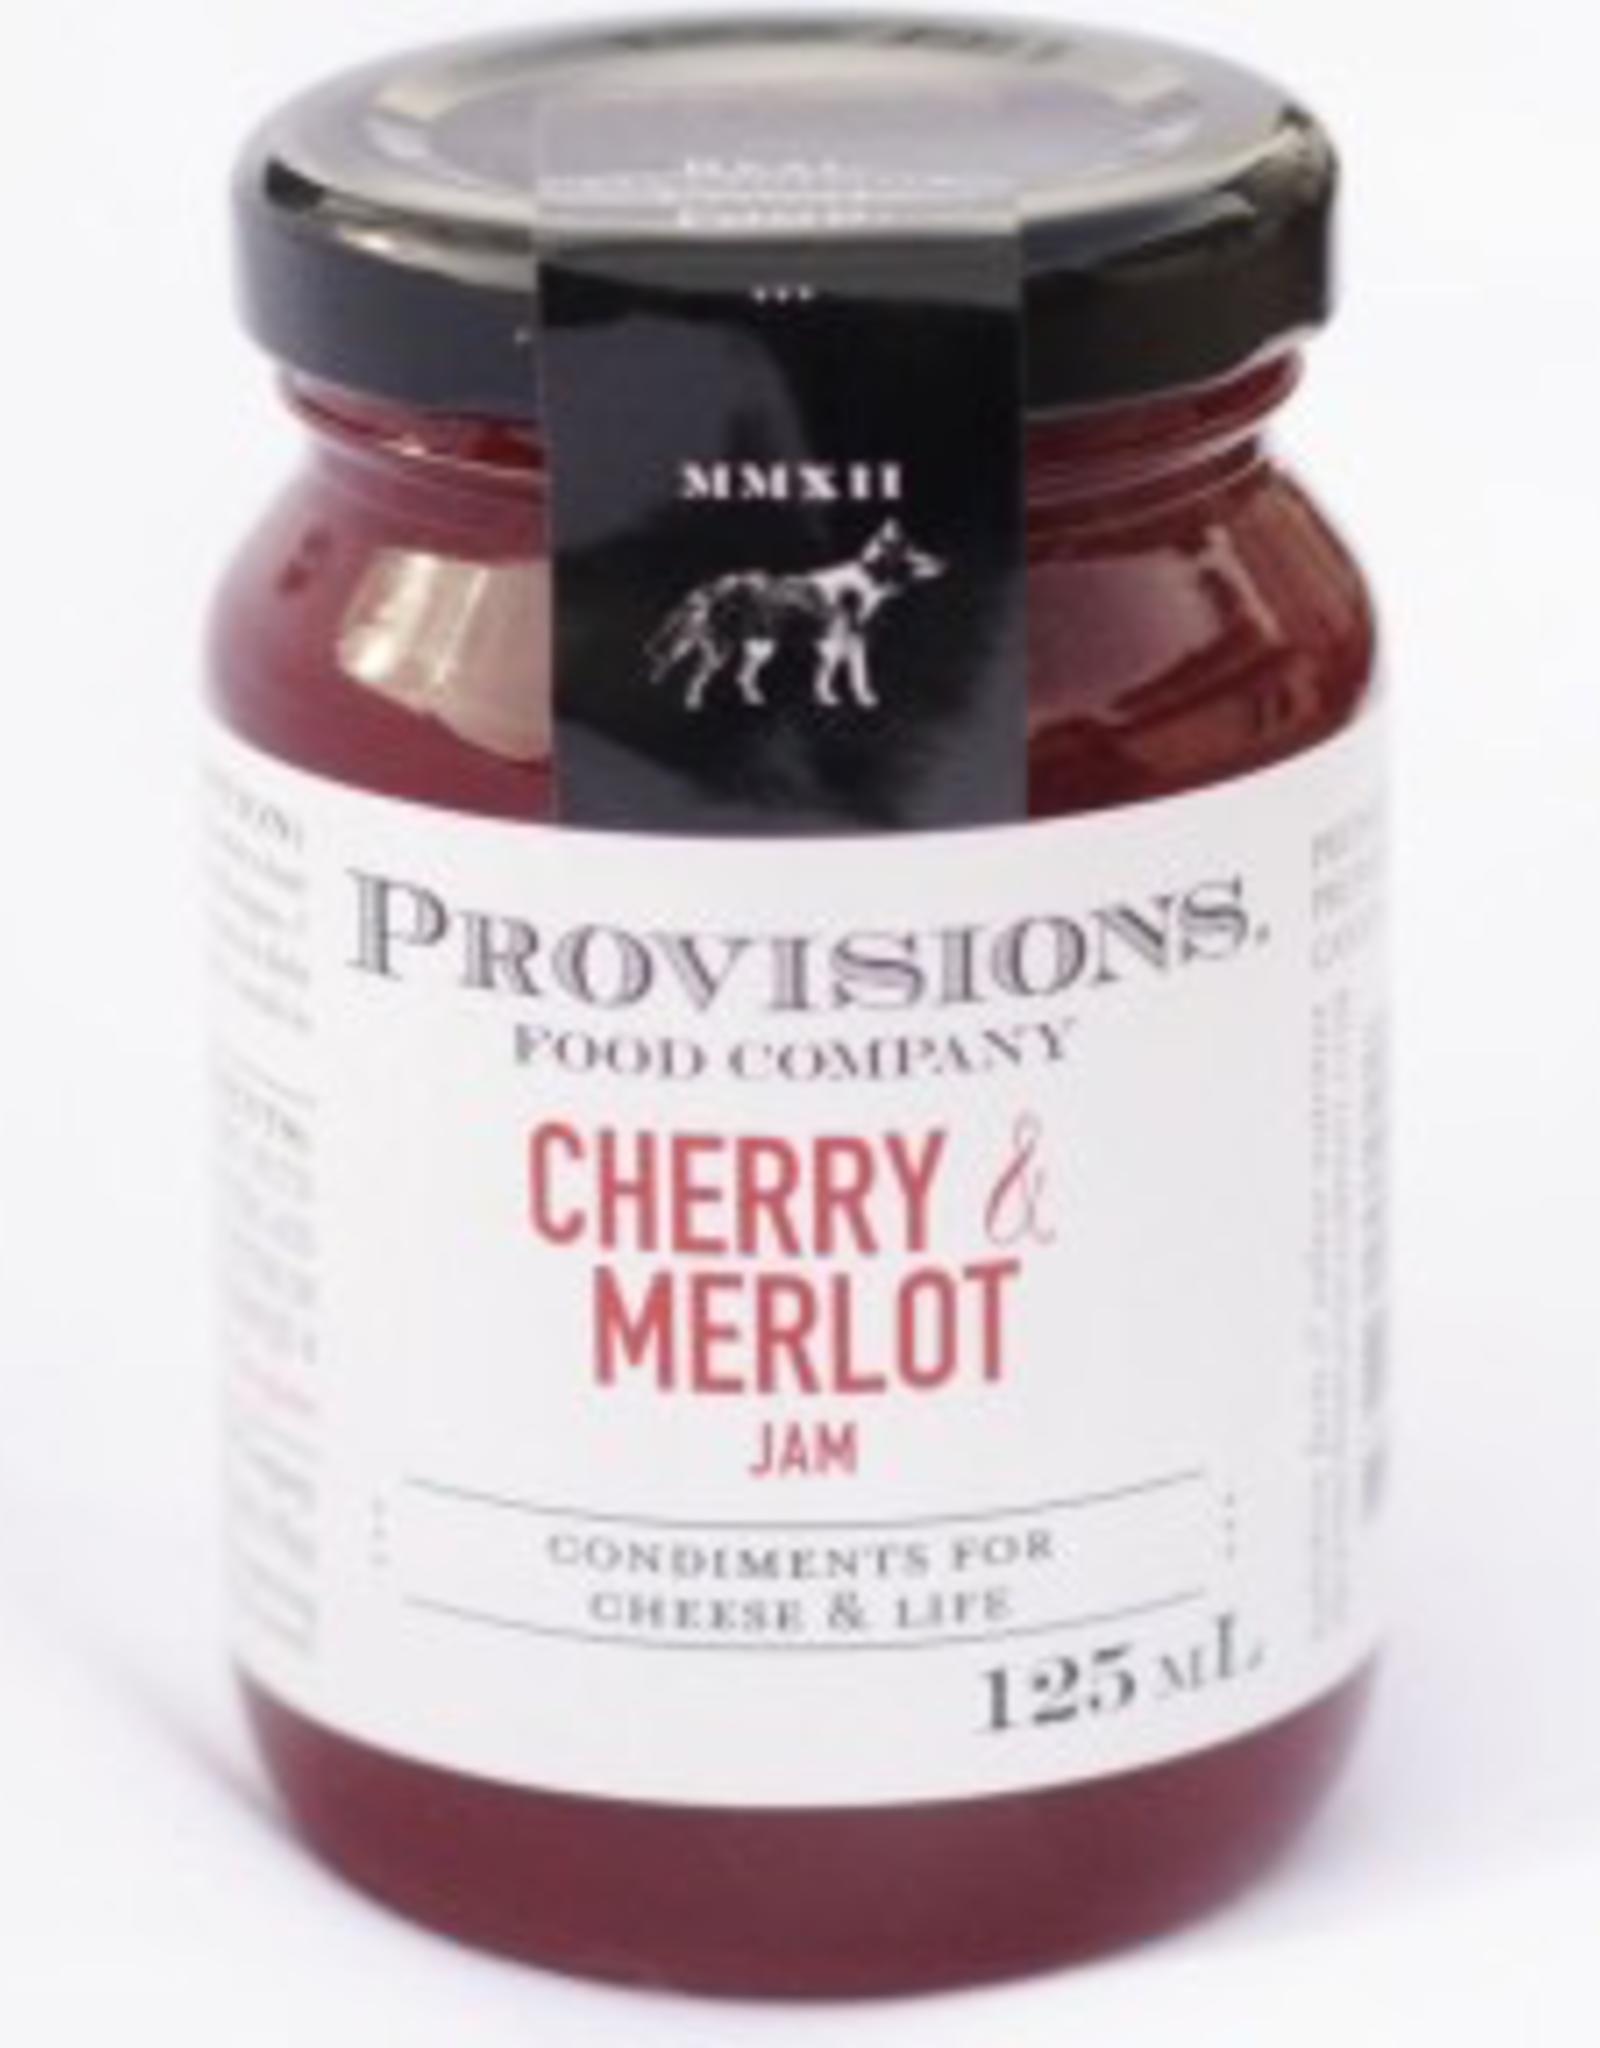 Cherry and Merlot Jam